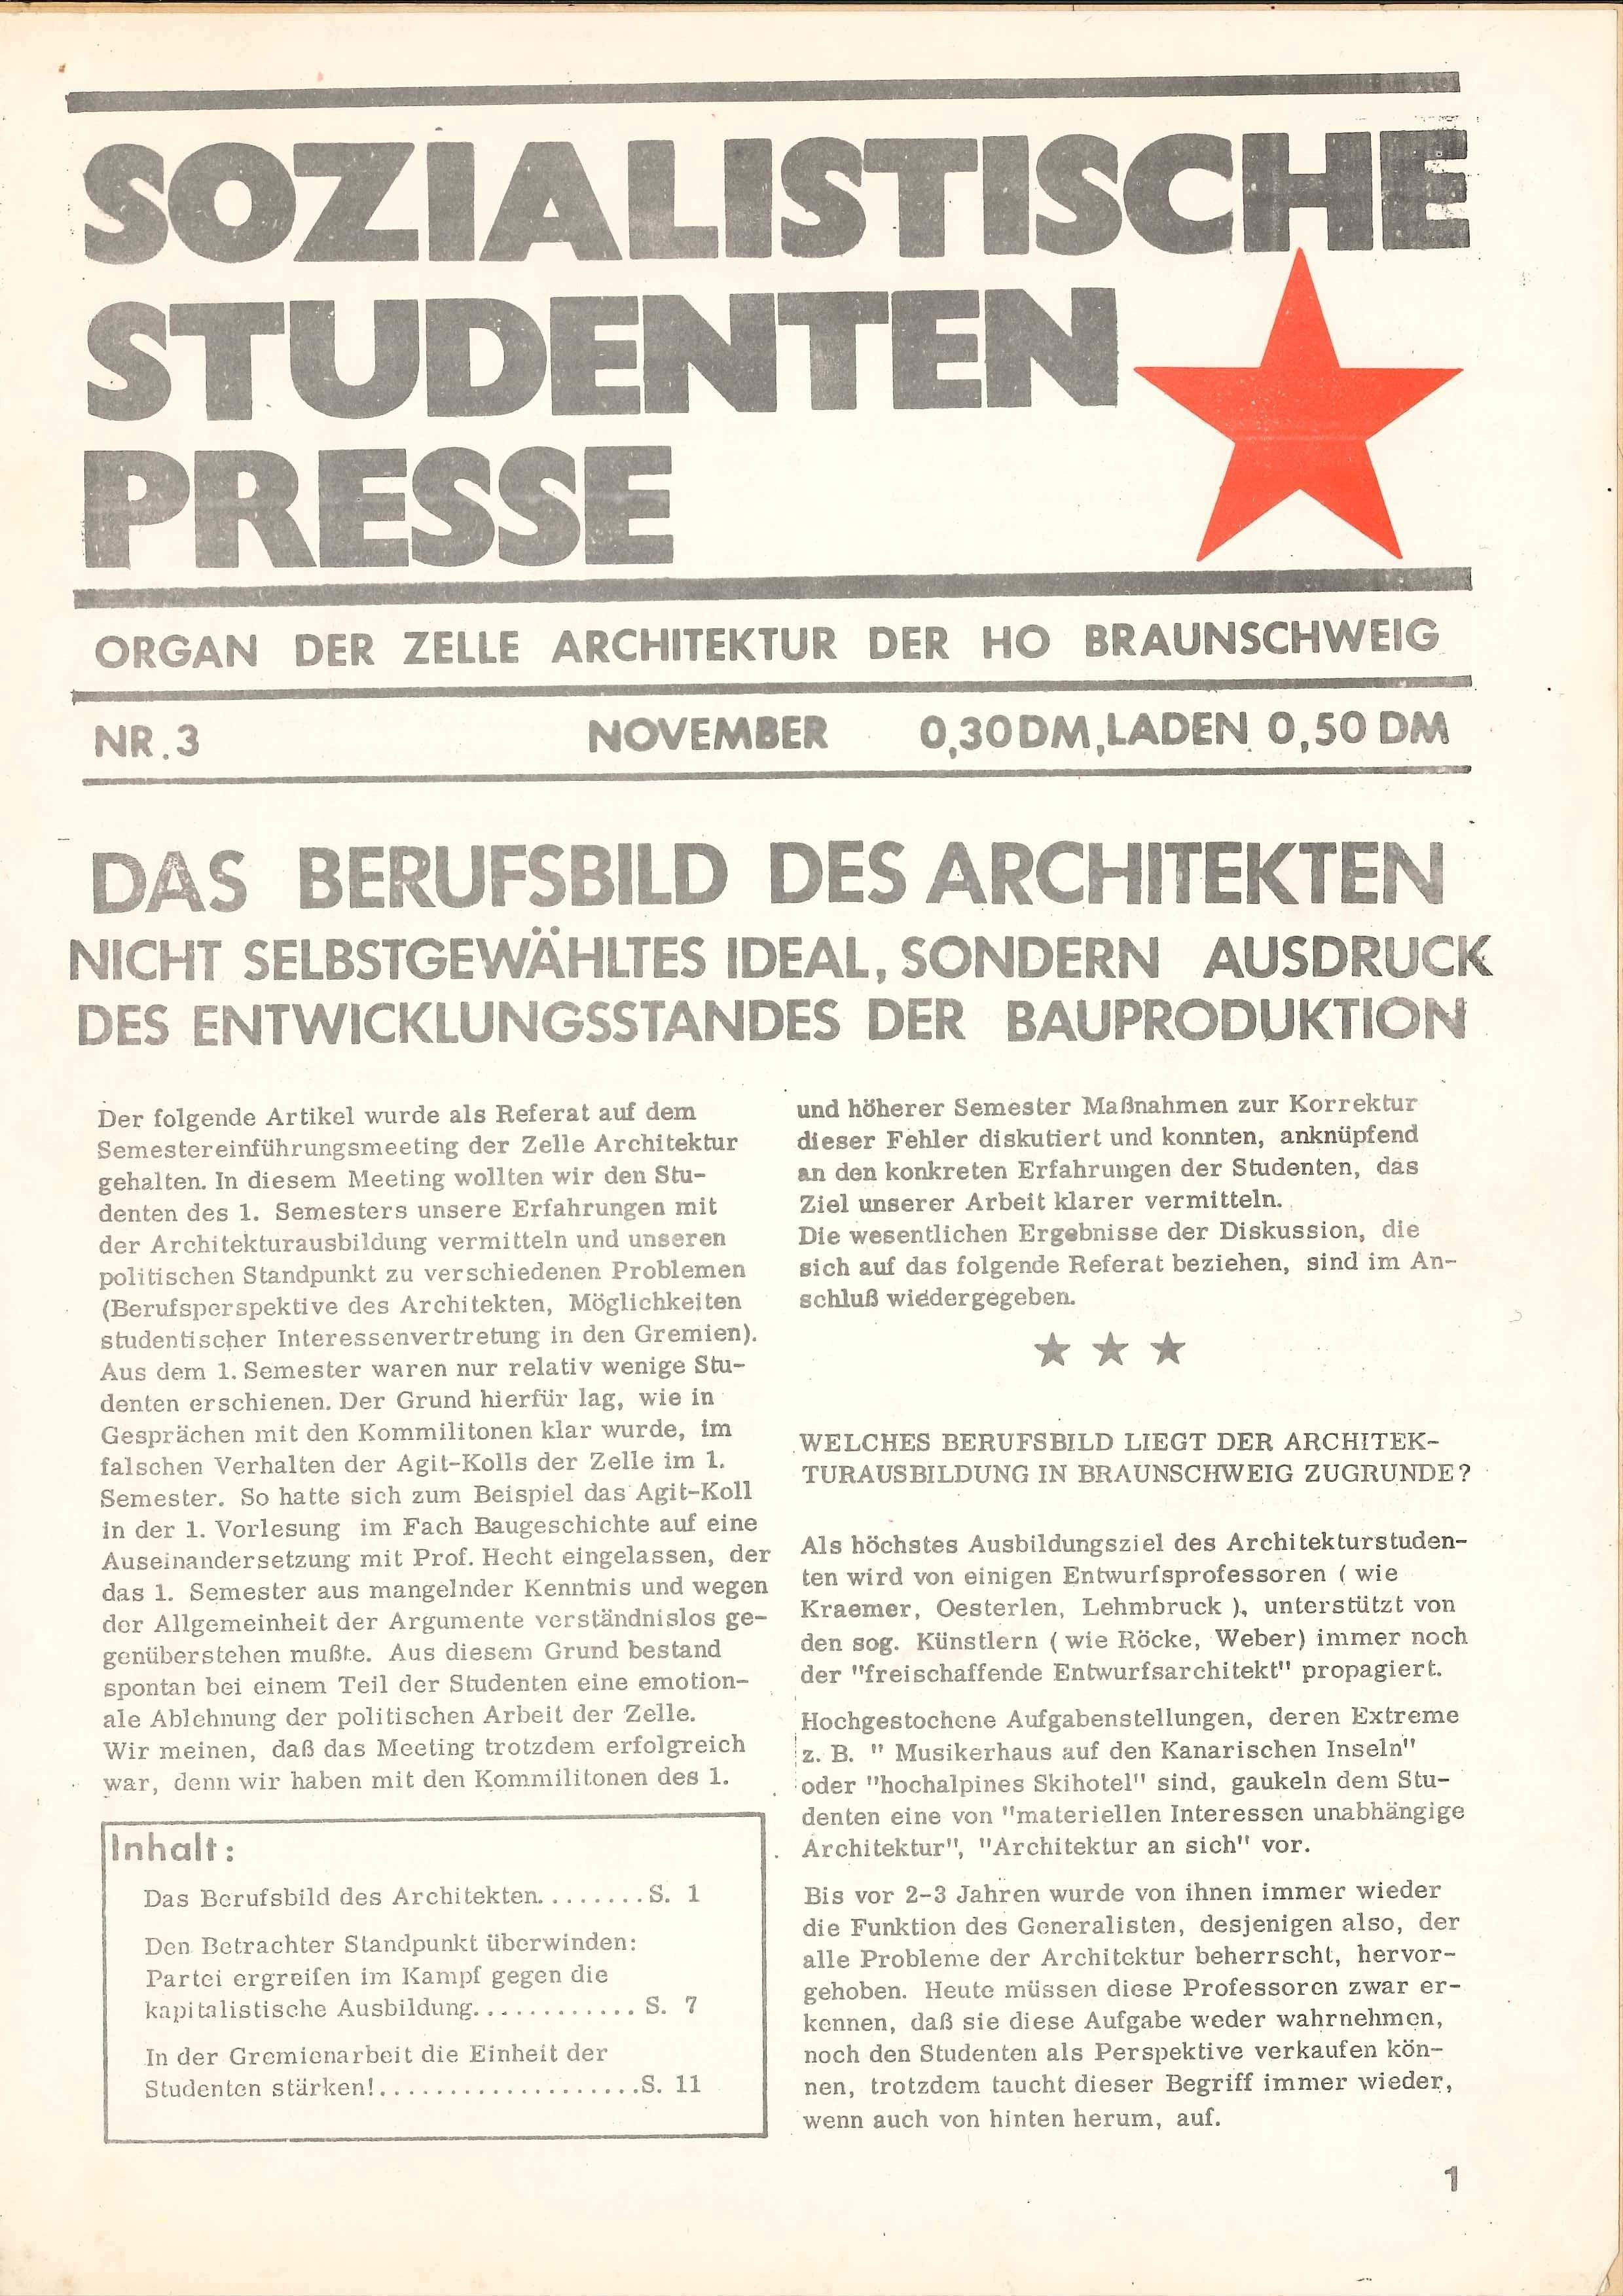 SAIB G74 III 3 Sozialistische Studenten Presse Page 1